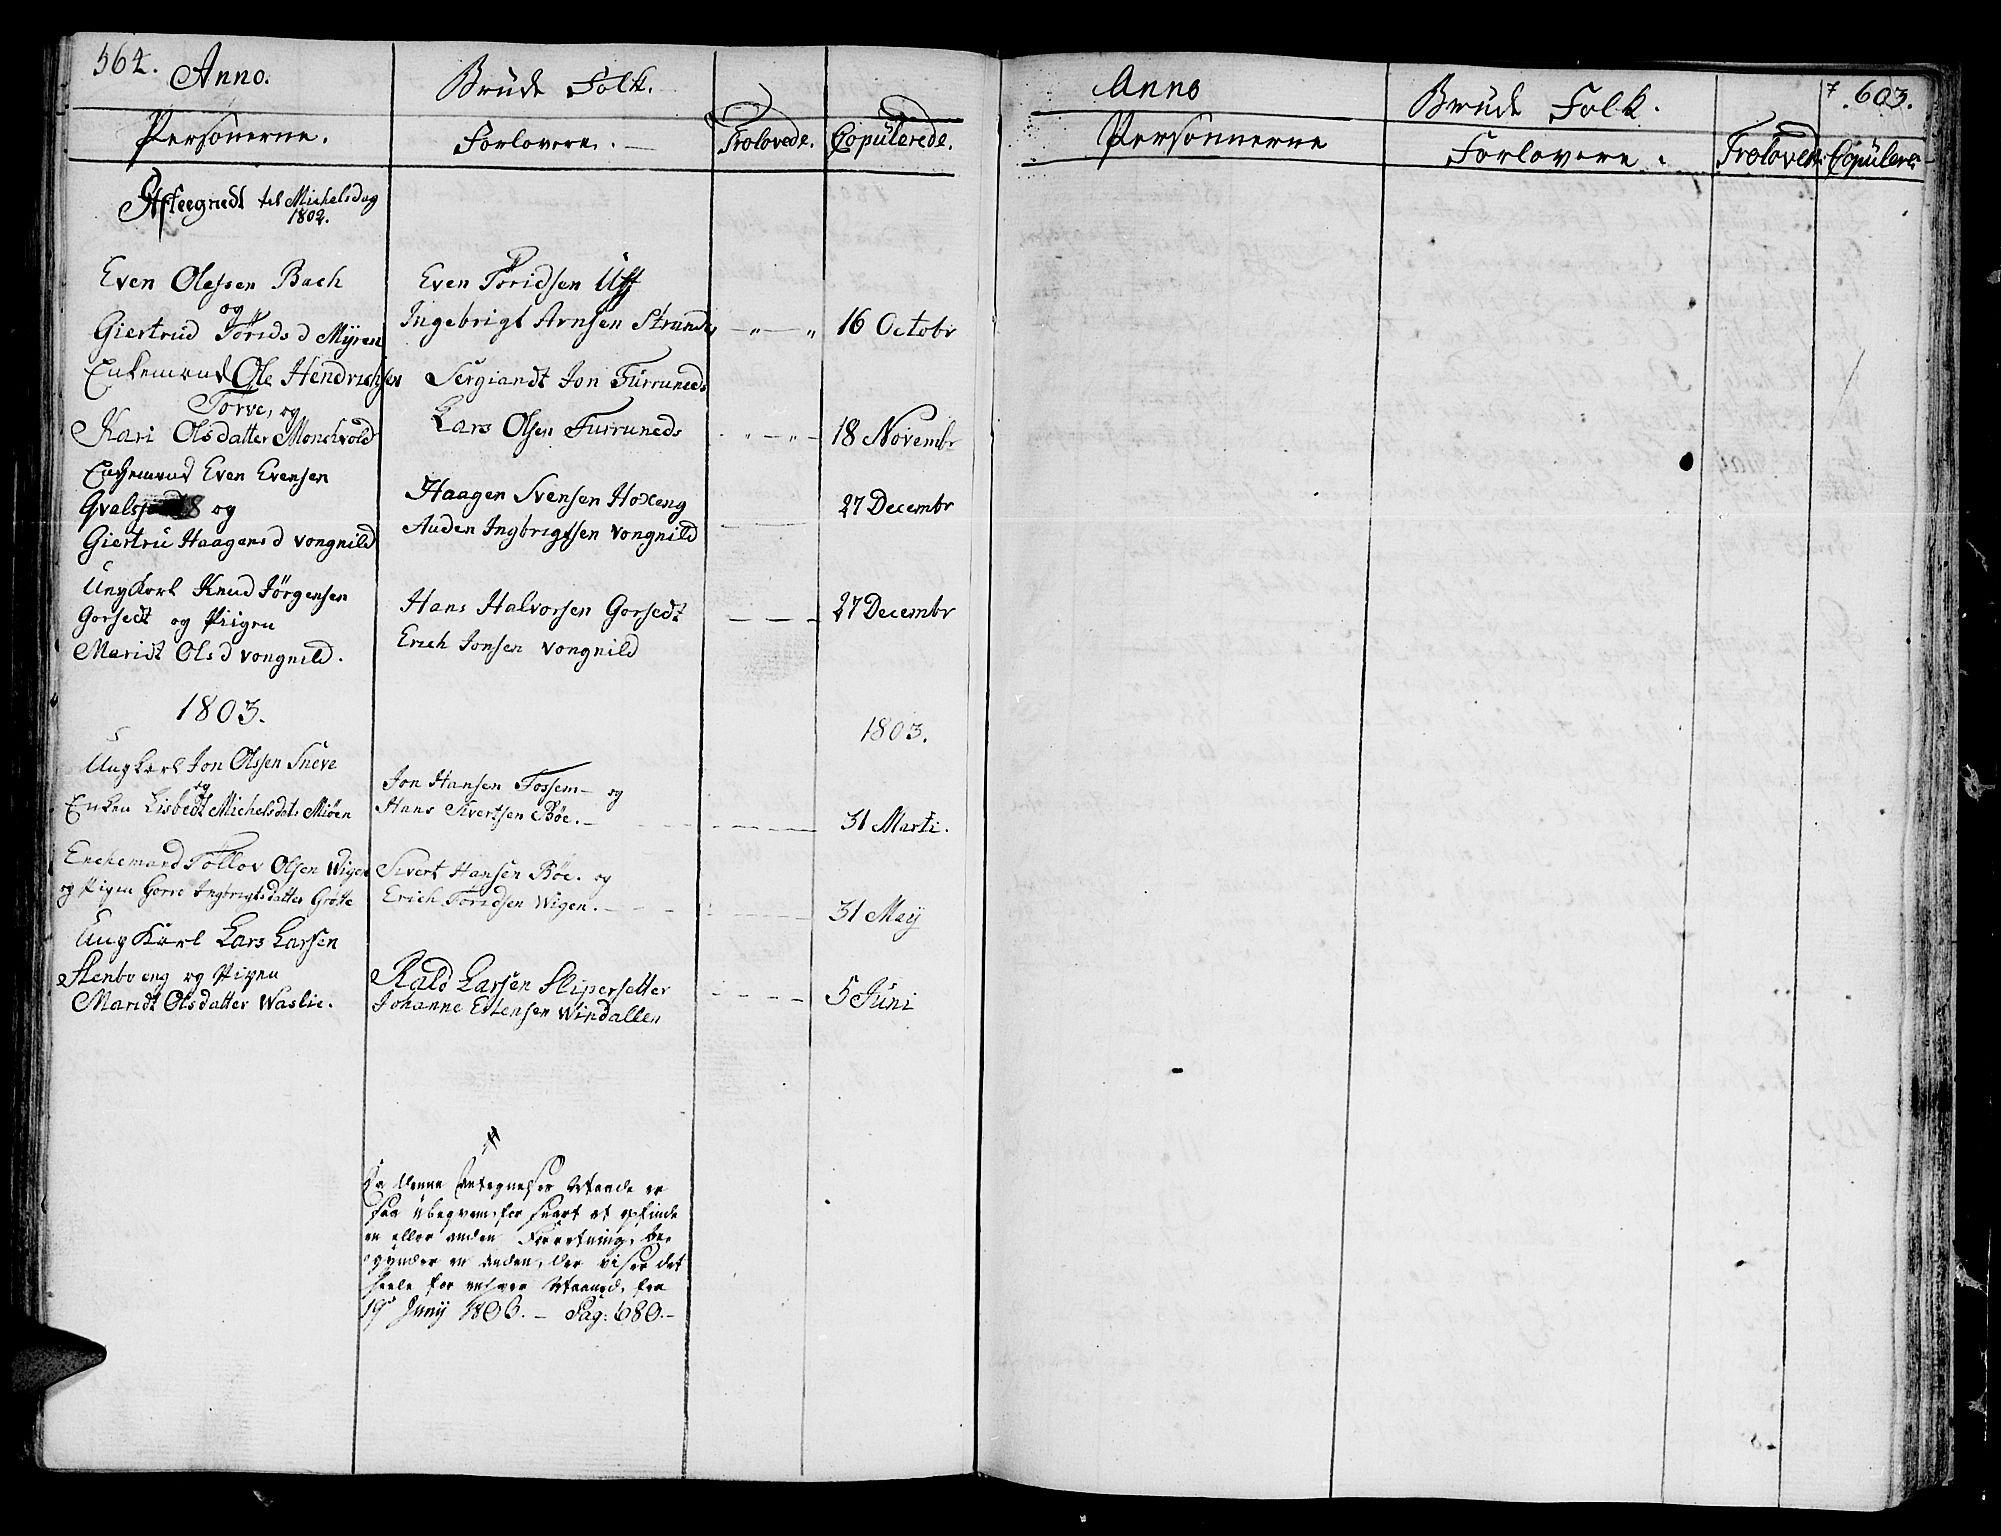 SAT, Ministerialprotokoller, klokkerbøker og fødselsregistre - Sør-Trøndelag, 678/L0893: Ministerialbok nr. 678A03, 1792-1805, s. 564-603